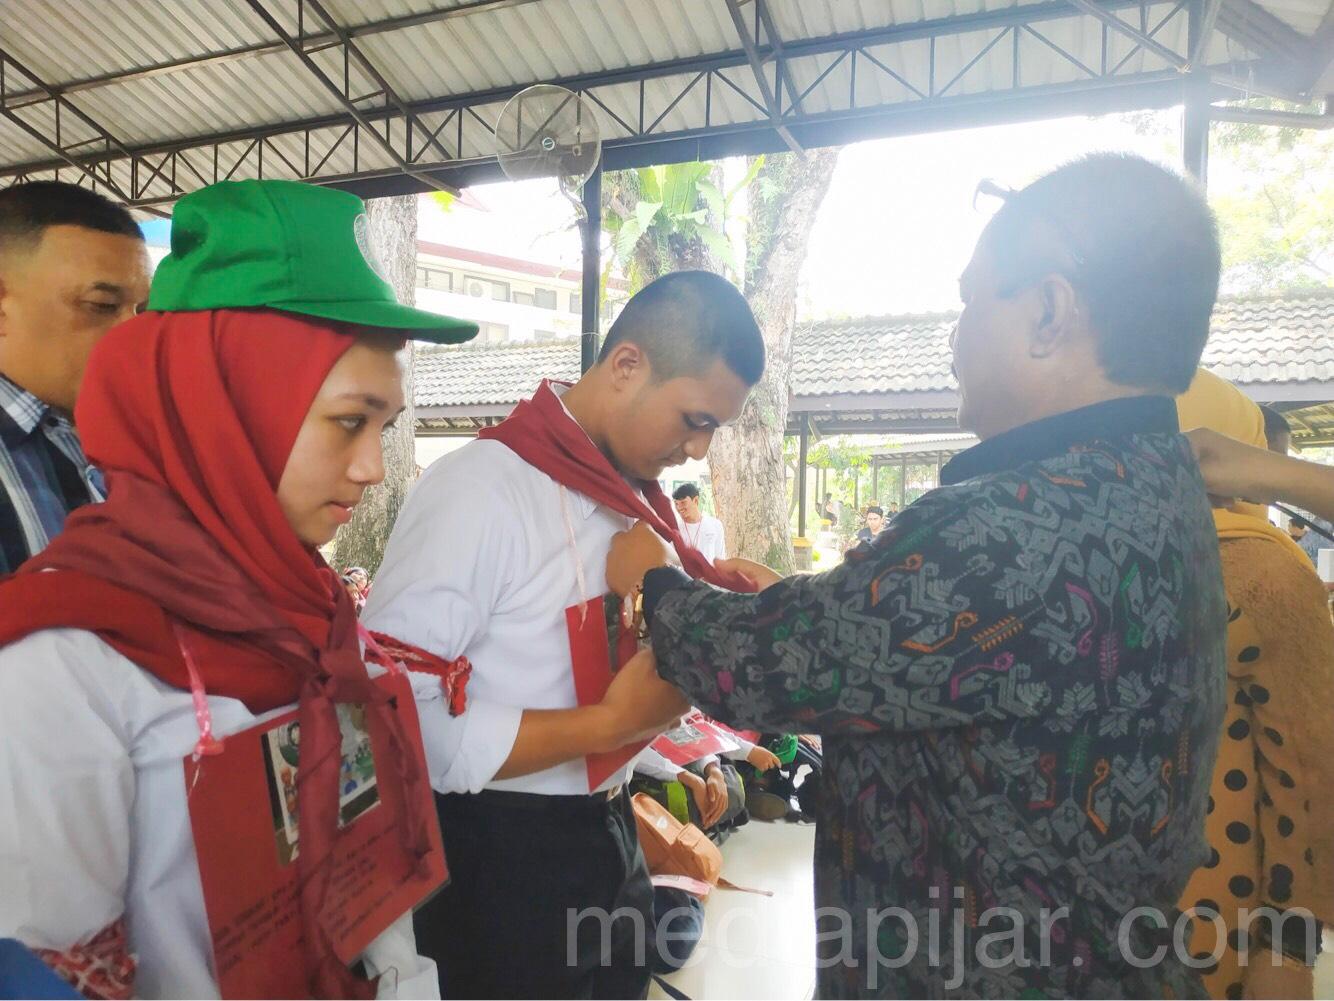 Penyerahan simbolis terhadap mahasiswa baru sebagai tanda diterimanya di Fakultas Hukum USU (20/8) (Fotografer: Azka Fikri)